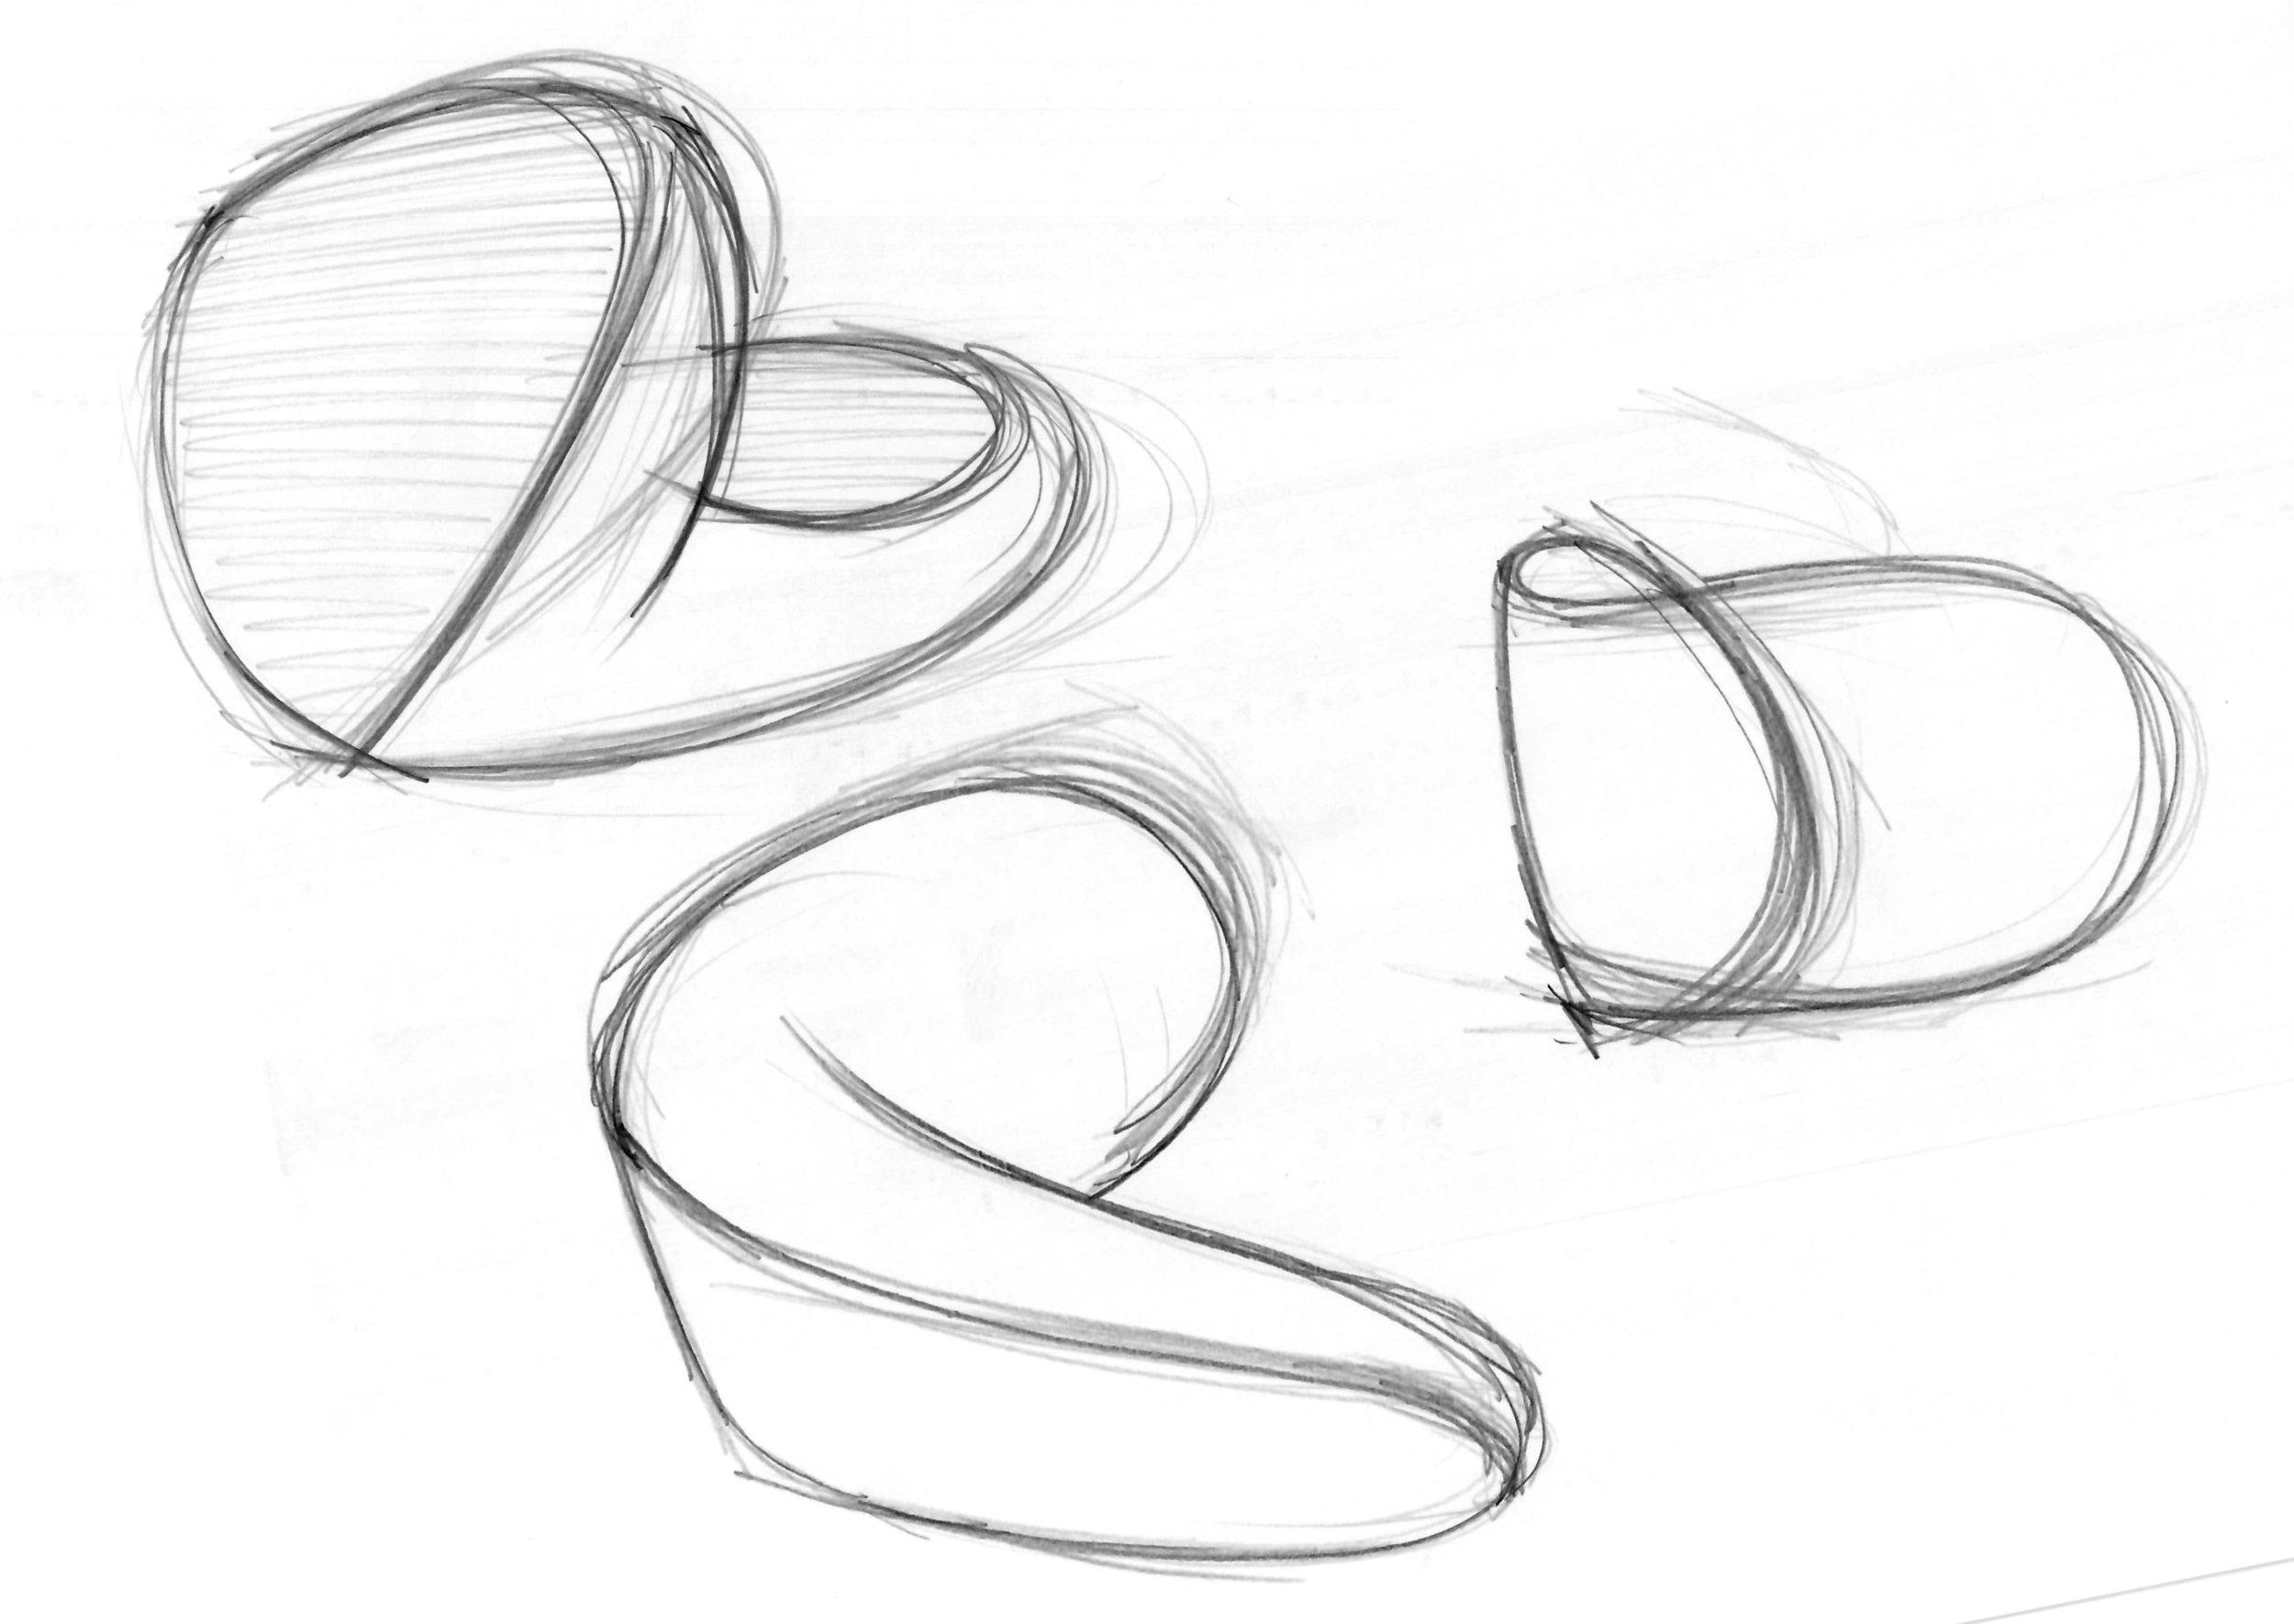 Bormioli drawings-2.jpg